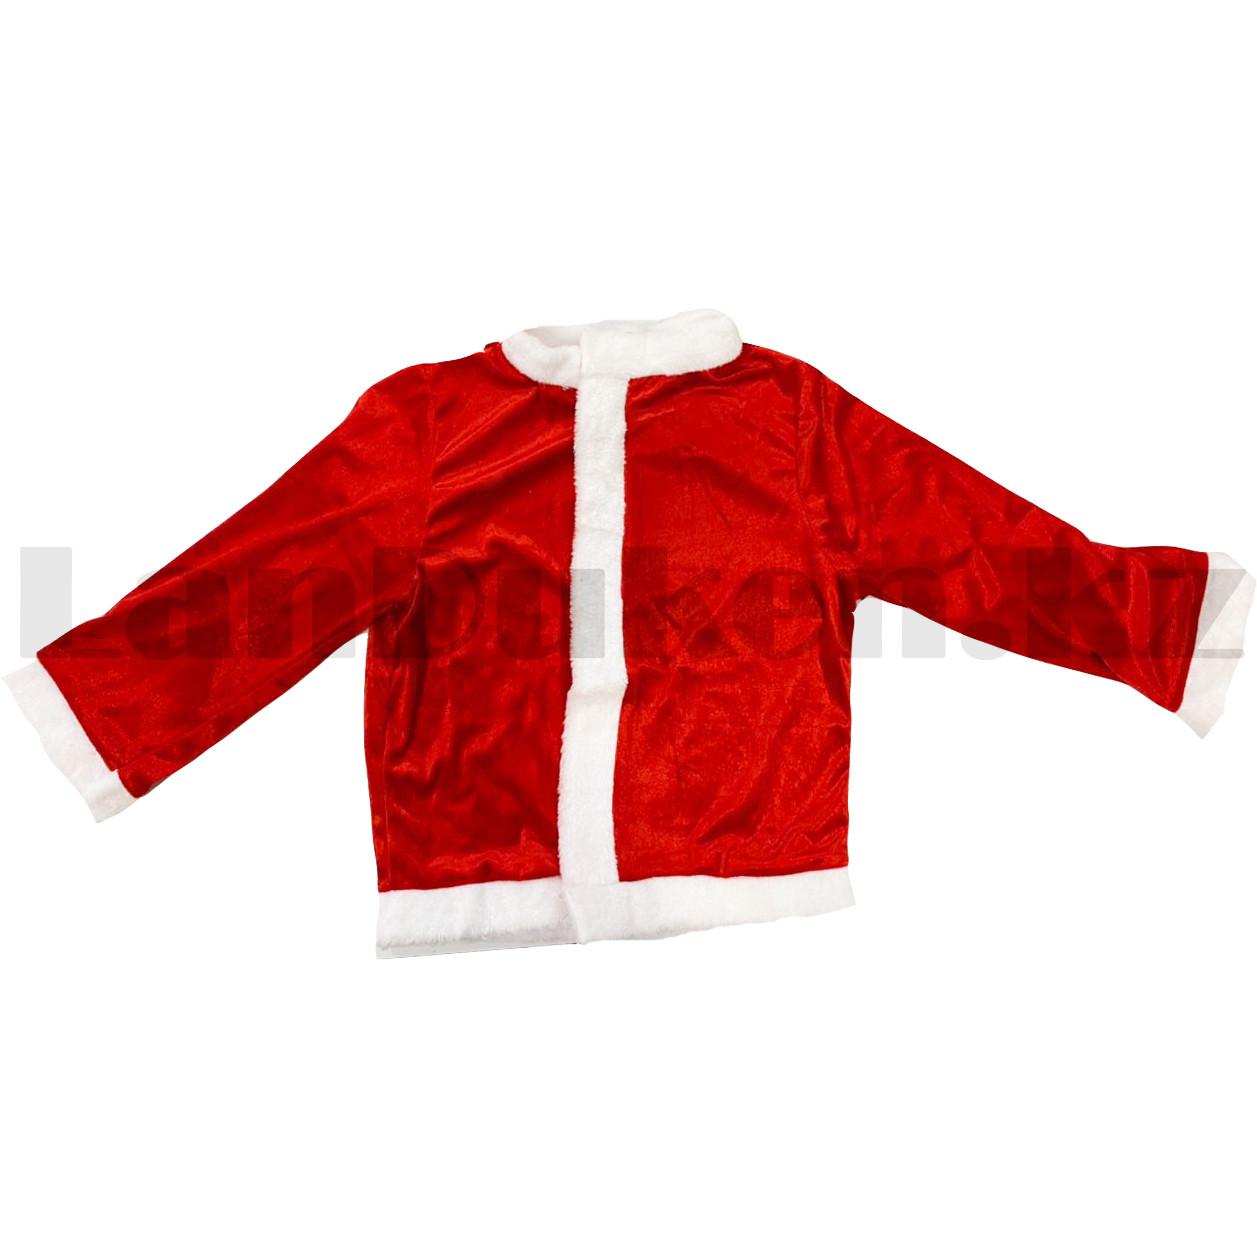 Костюм детский карнавальный раздельный Деда Мороза Аяз Ата красный - фото 3